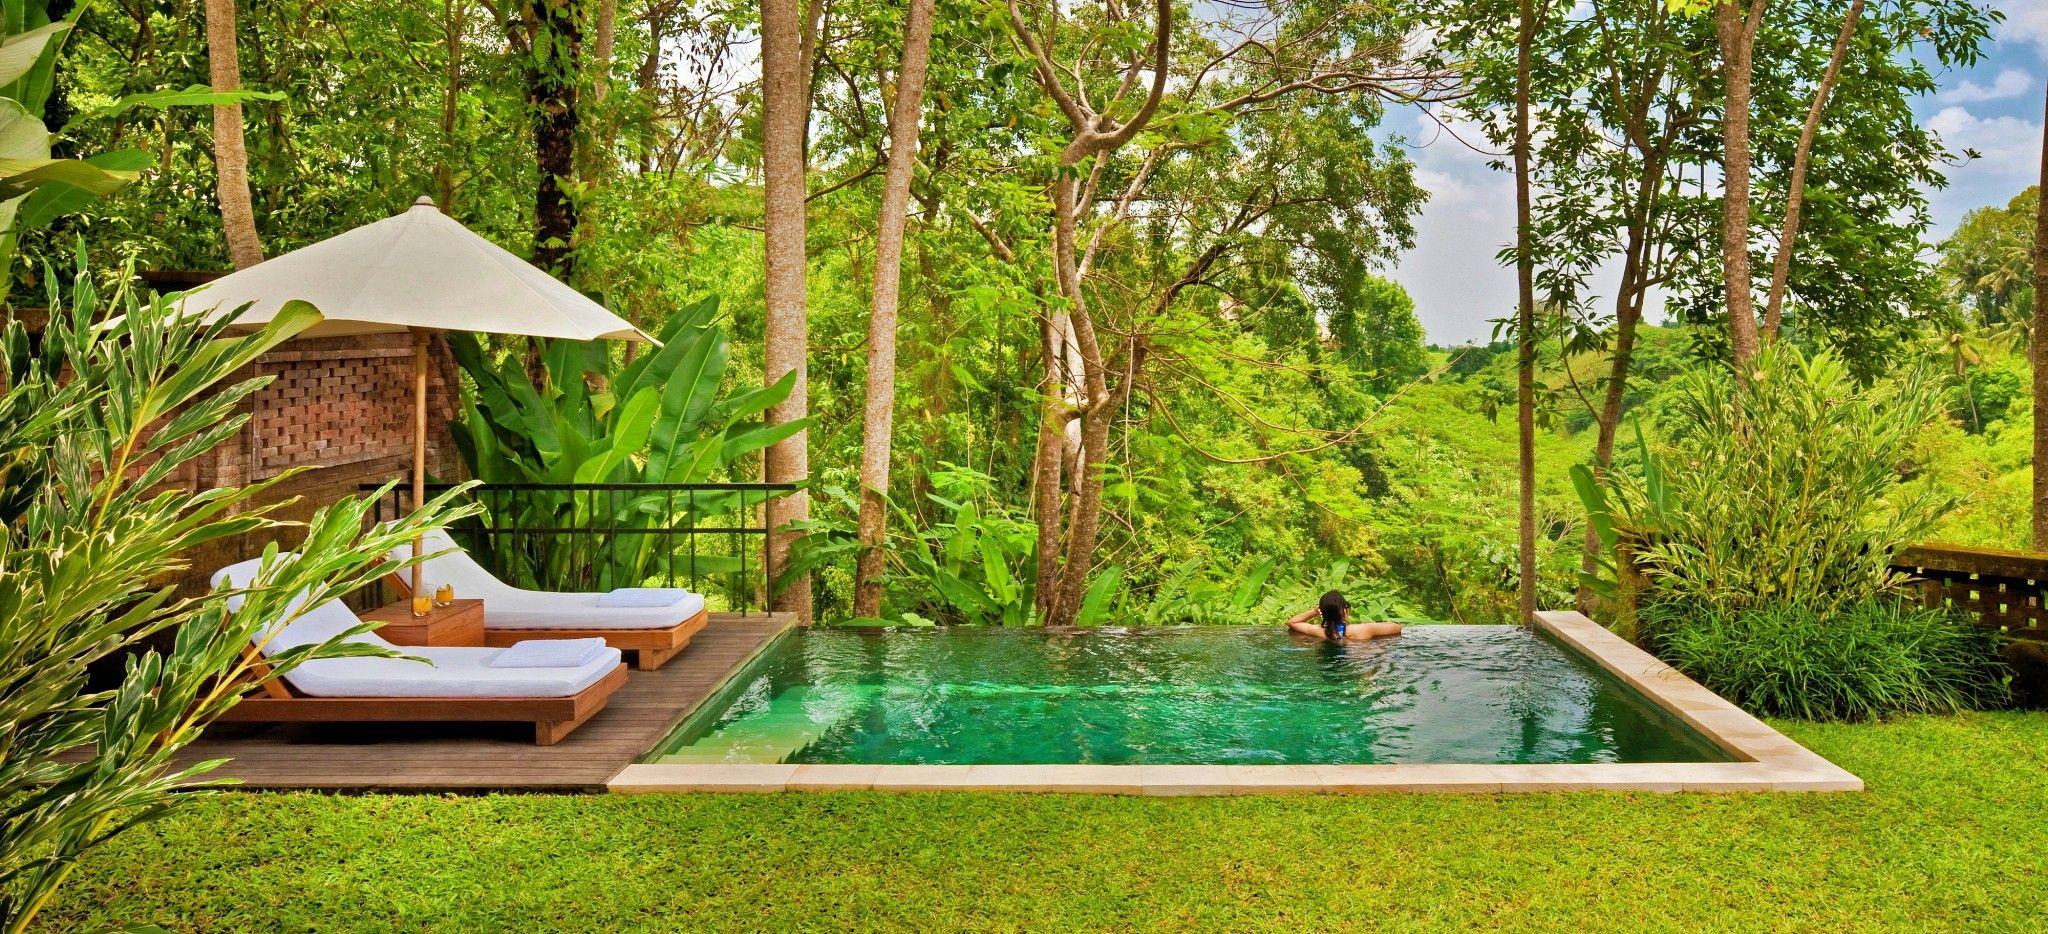 Ein Pool zwischen einem englischen Rasen und dem balinesischen Dschungel